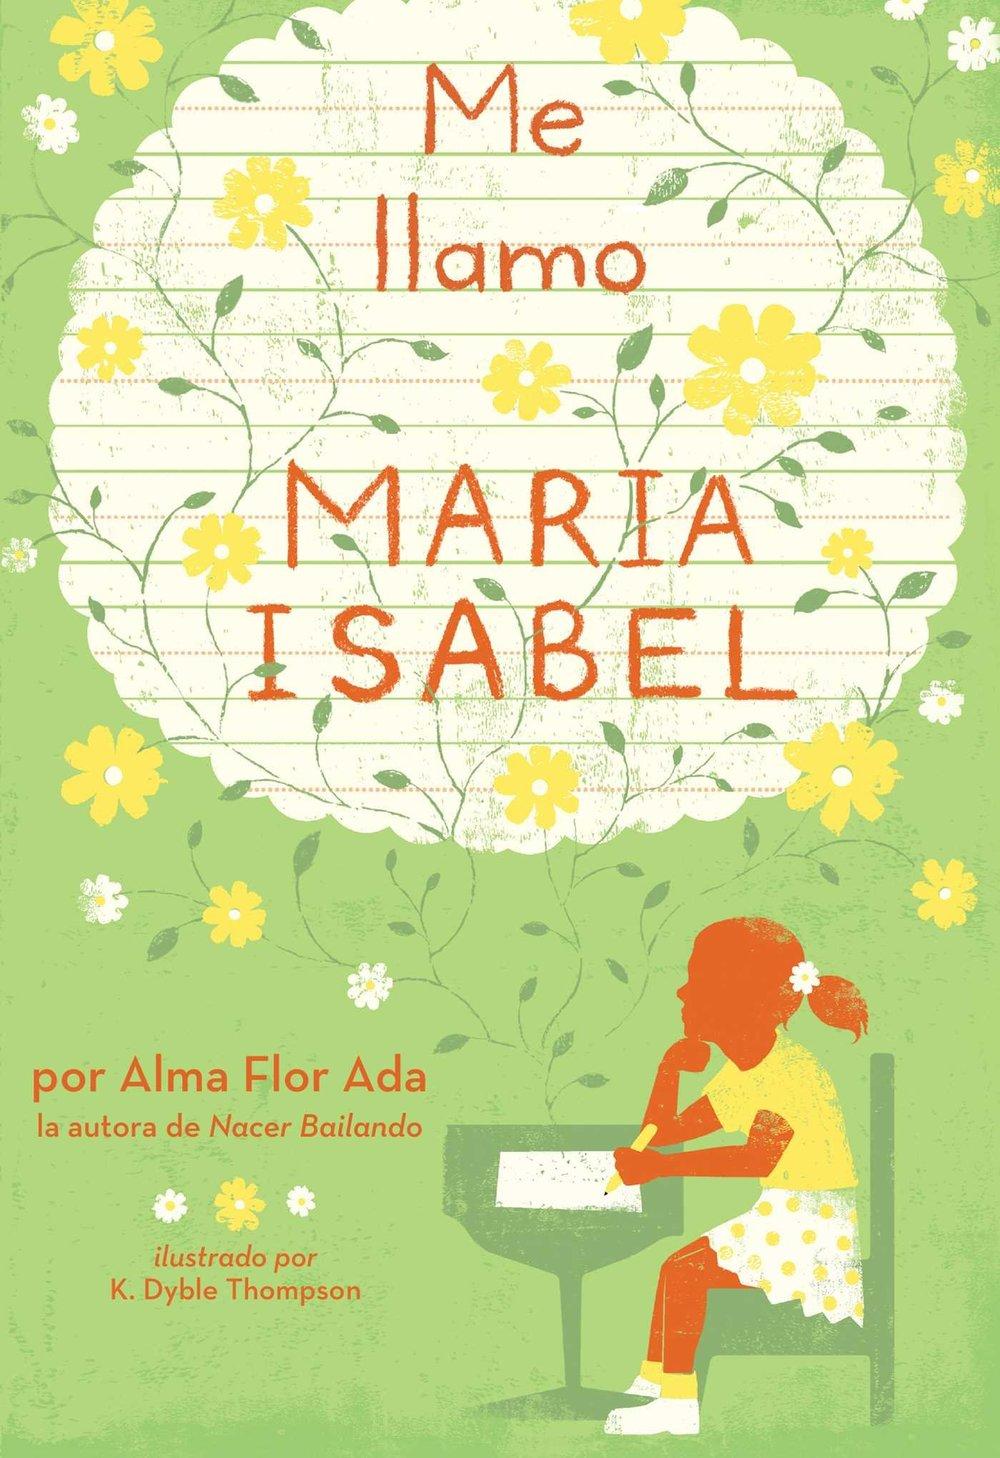 Me llamo Maria Isabel